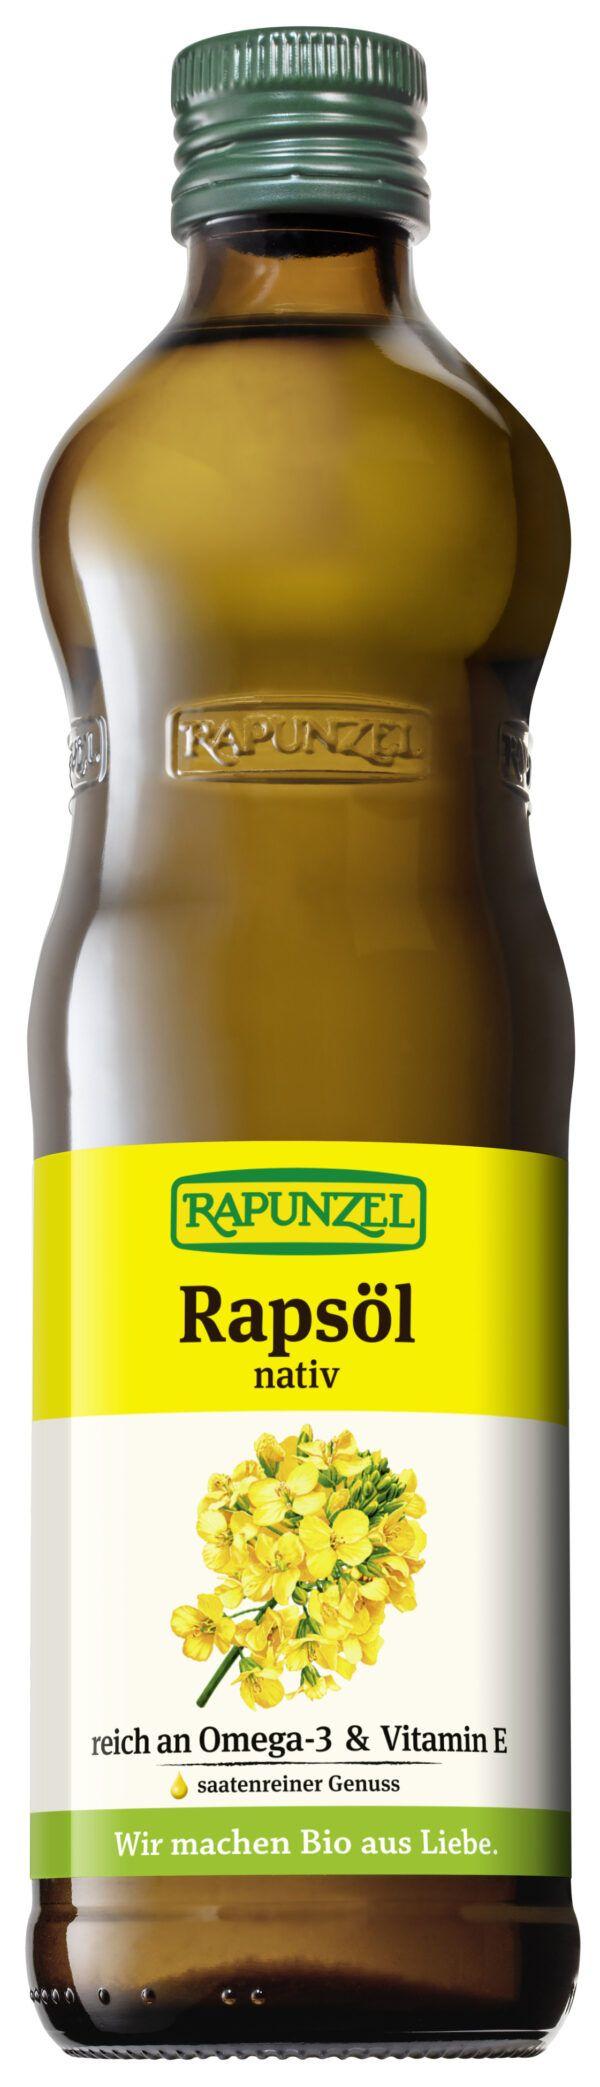 Rapunzel Rapsöl nativ 0,5l